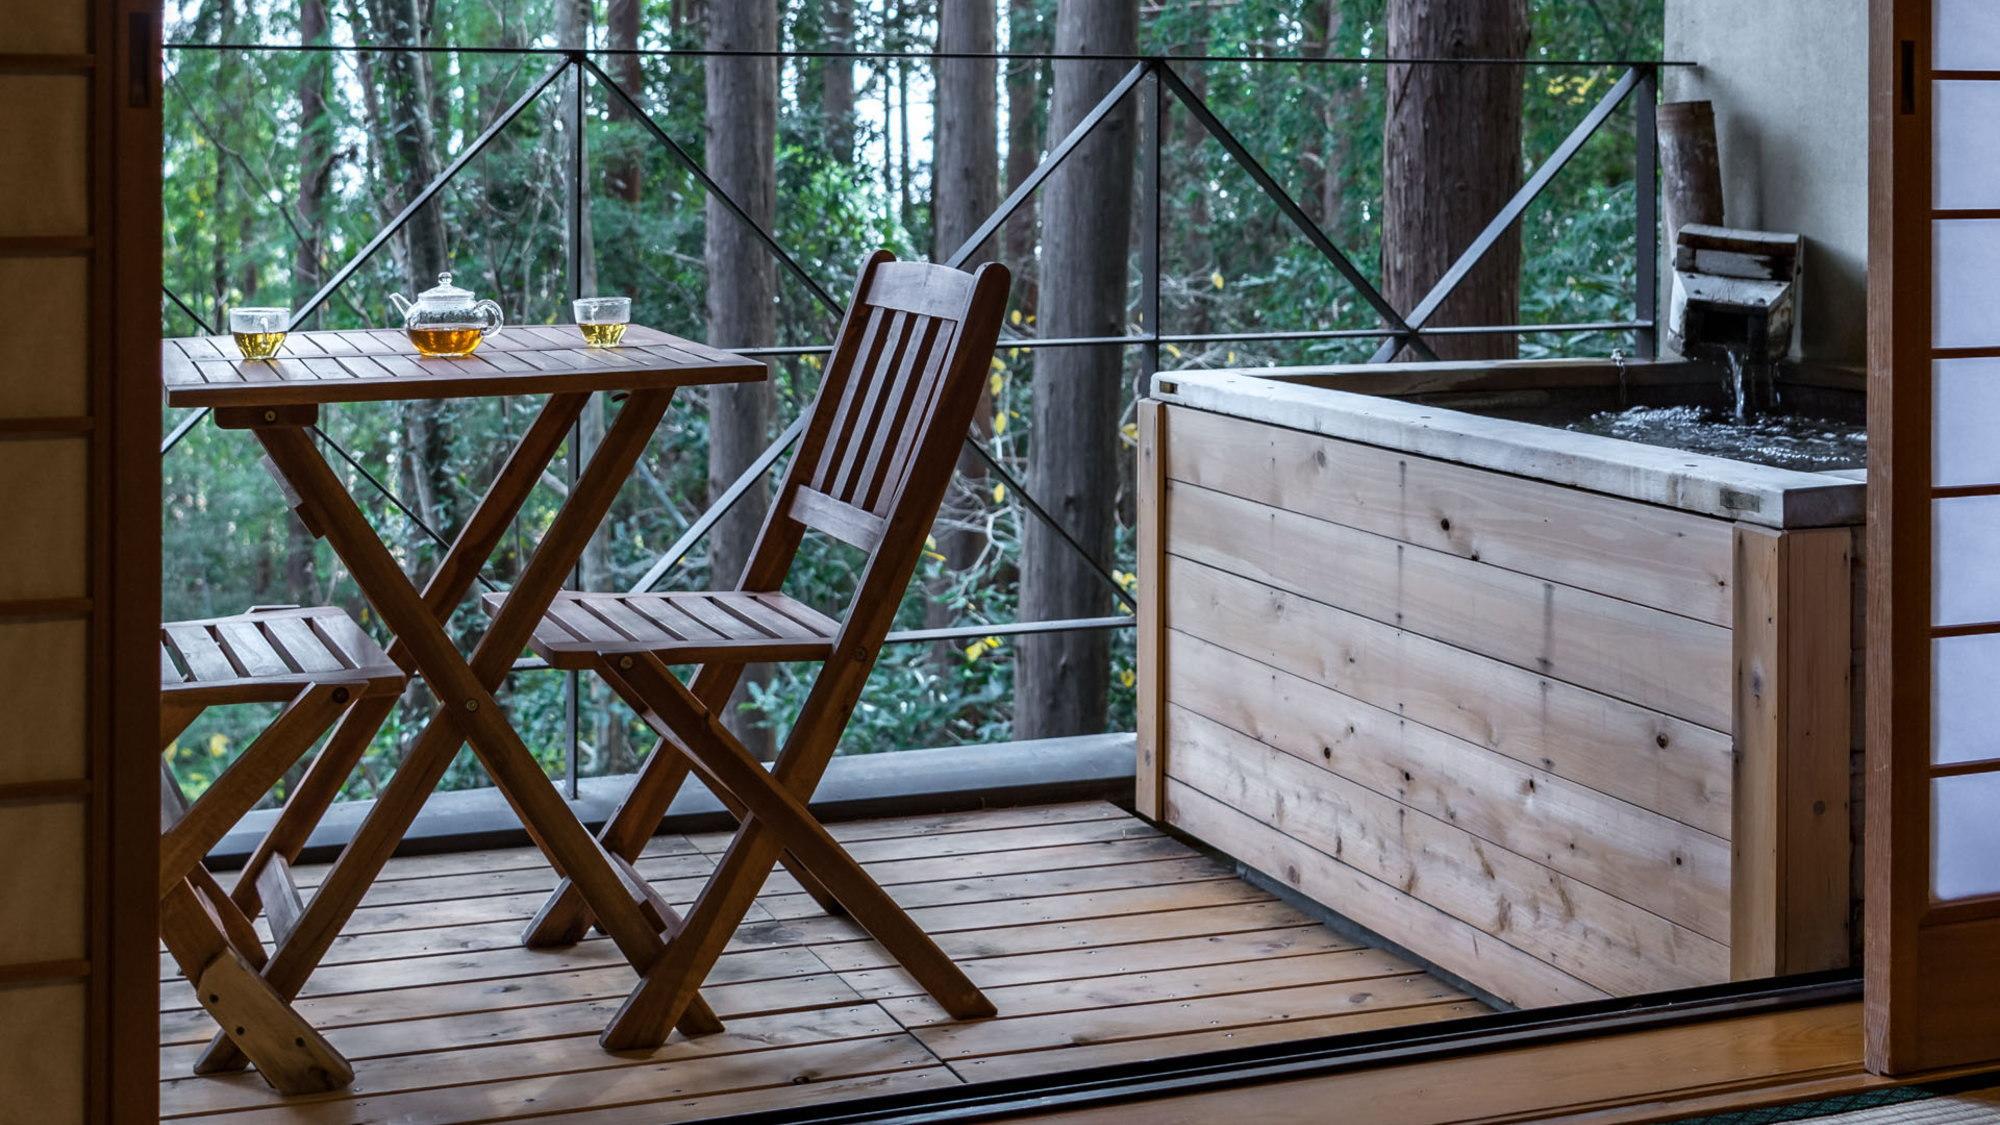 【本館/蘇芳-suou-】当館自慢の森林には、野生のリスや野鳥も遊びにやってきます